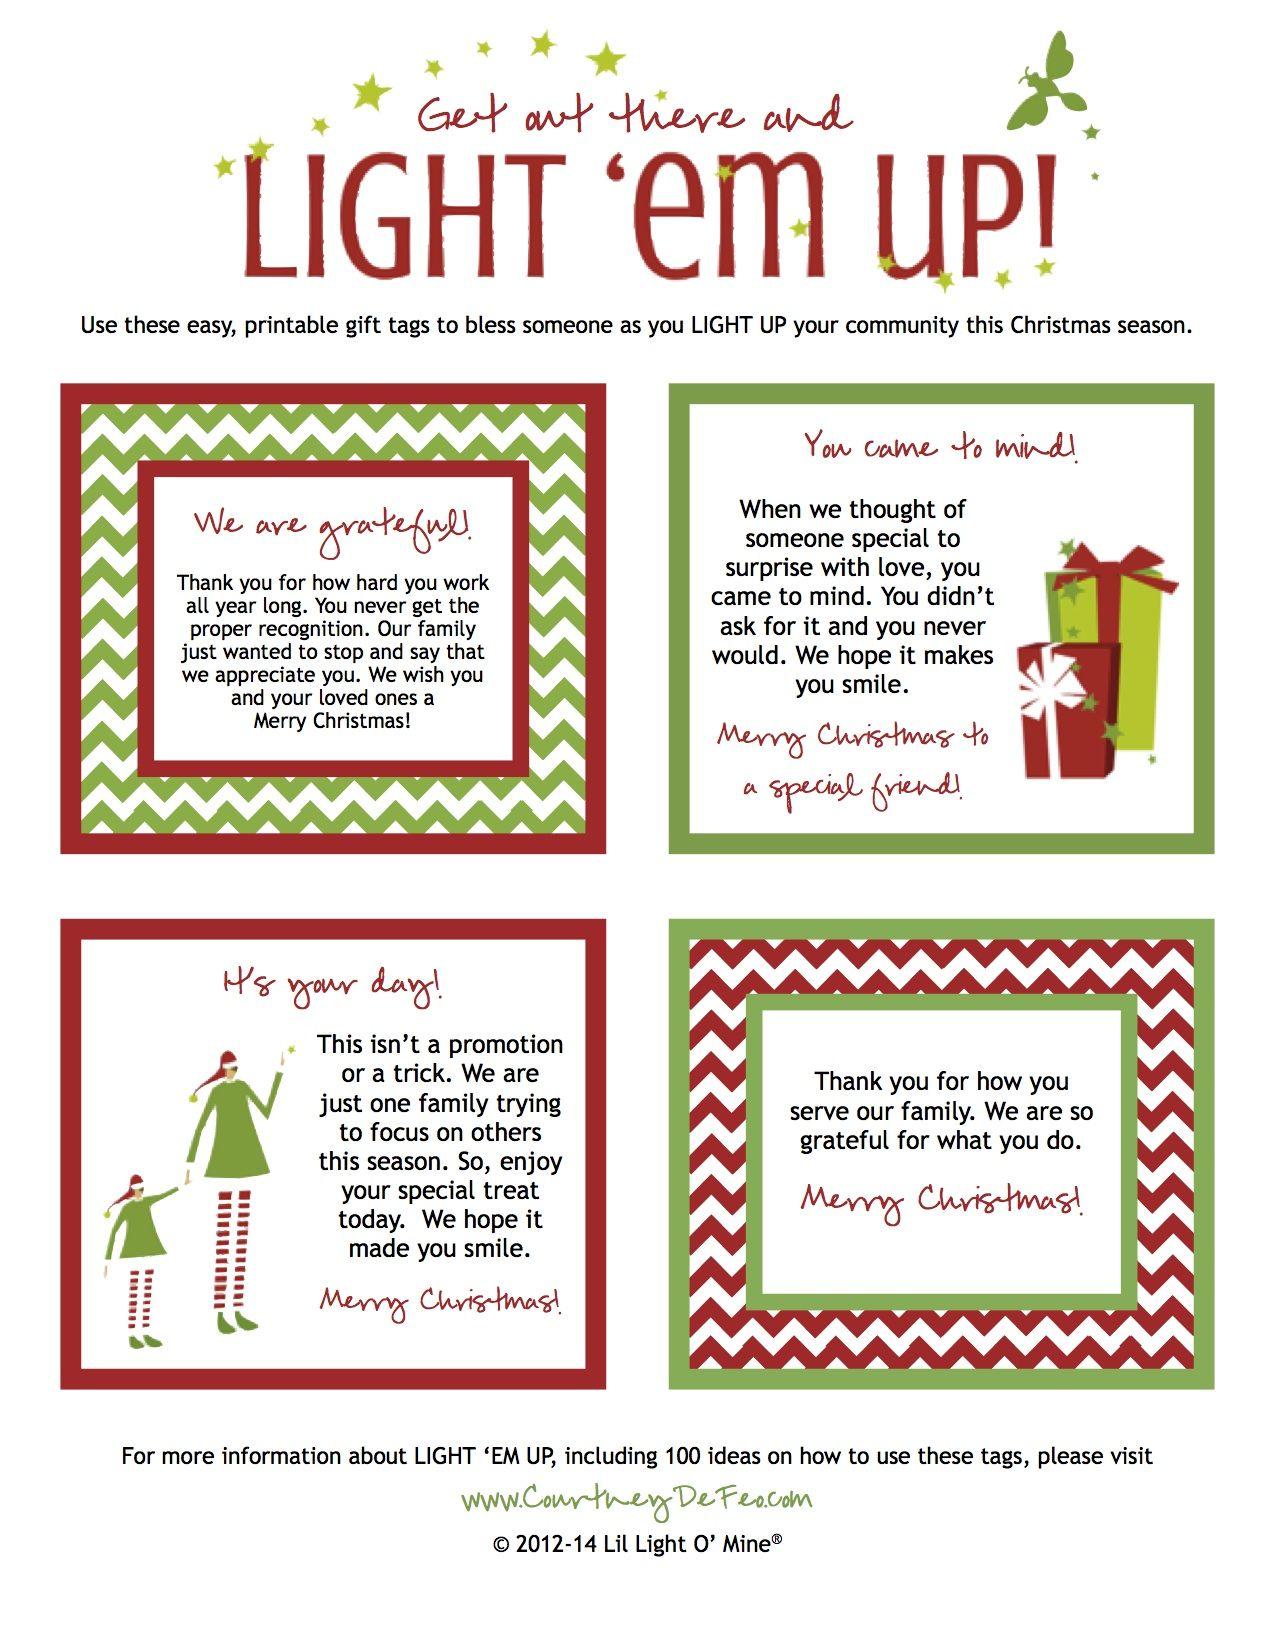 Light 'Em Up 2014 Top 10 Ideas Light em up, Christmas